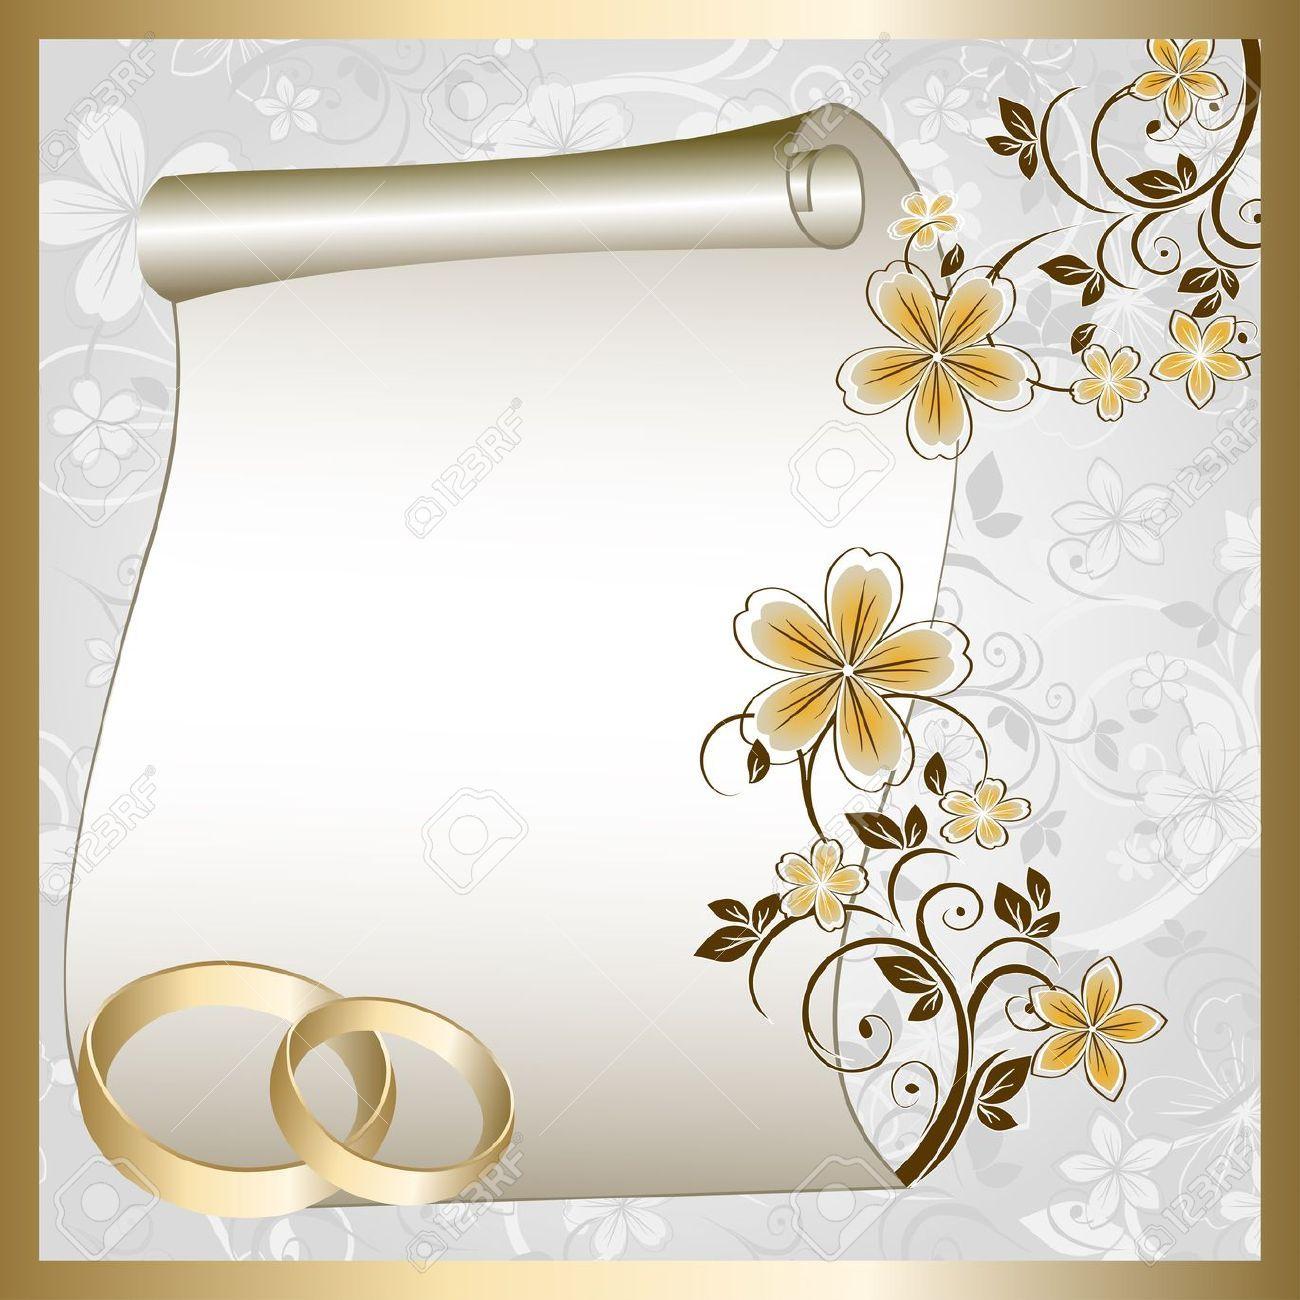 Flores del aniversario de bodas de oro boda pinterest - Marcos de plata para bodas ...